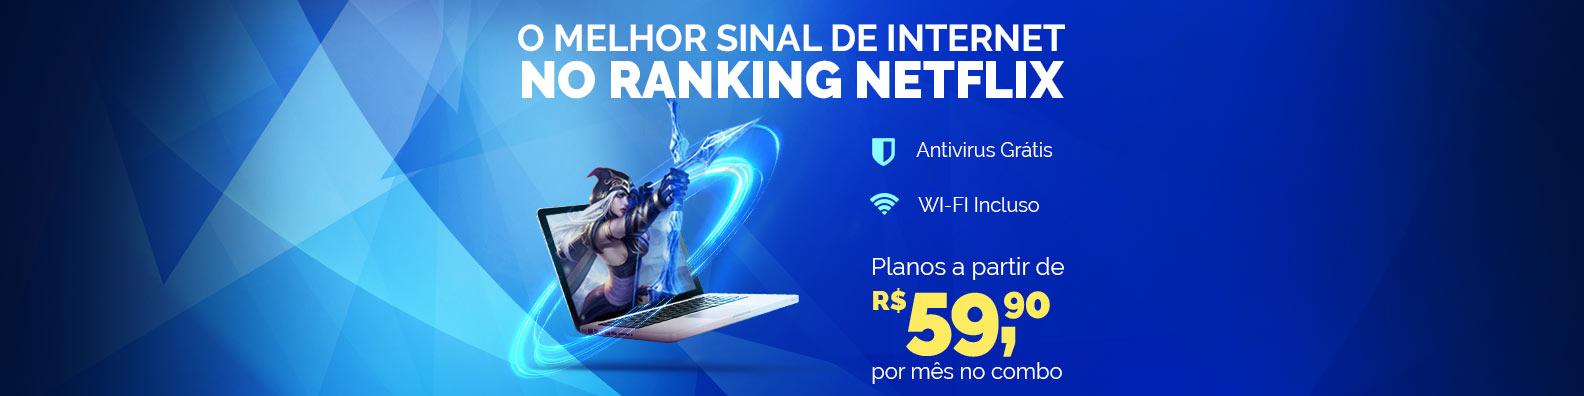 net virtua 35 mega por apenas R$49,00* reais no combo nos seis primeiros meses